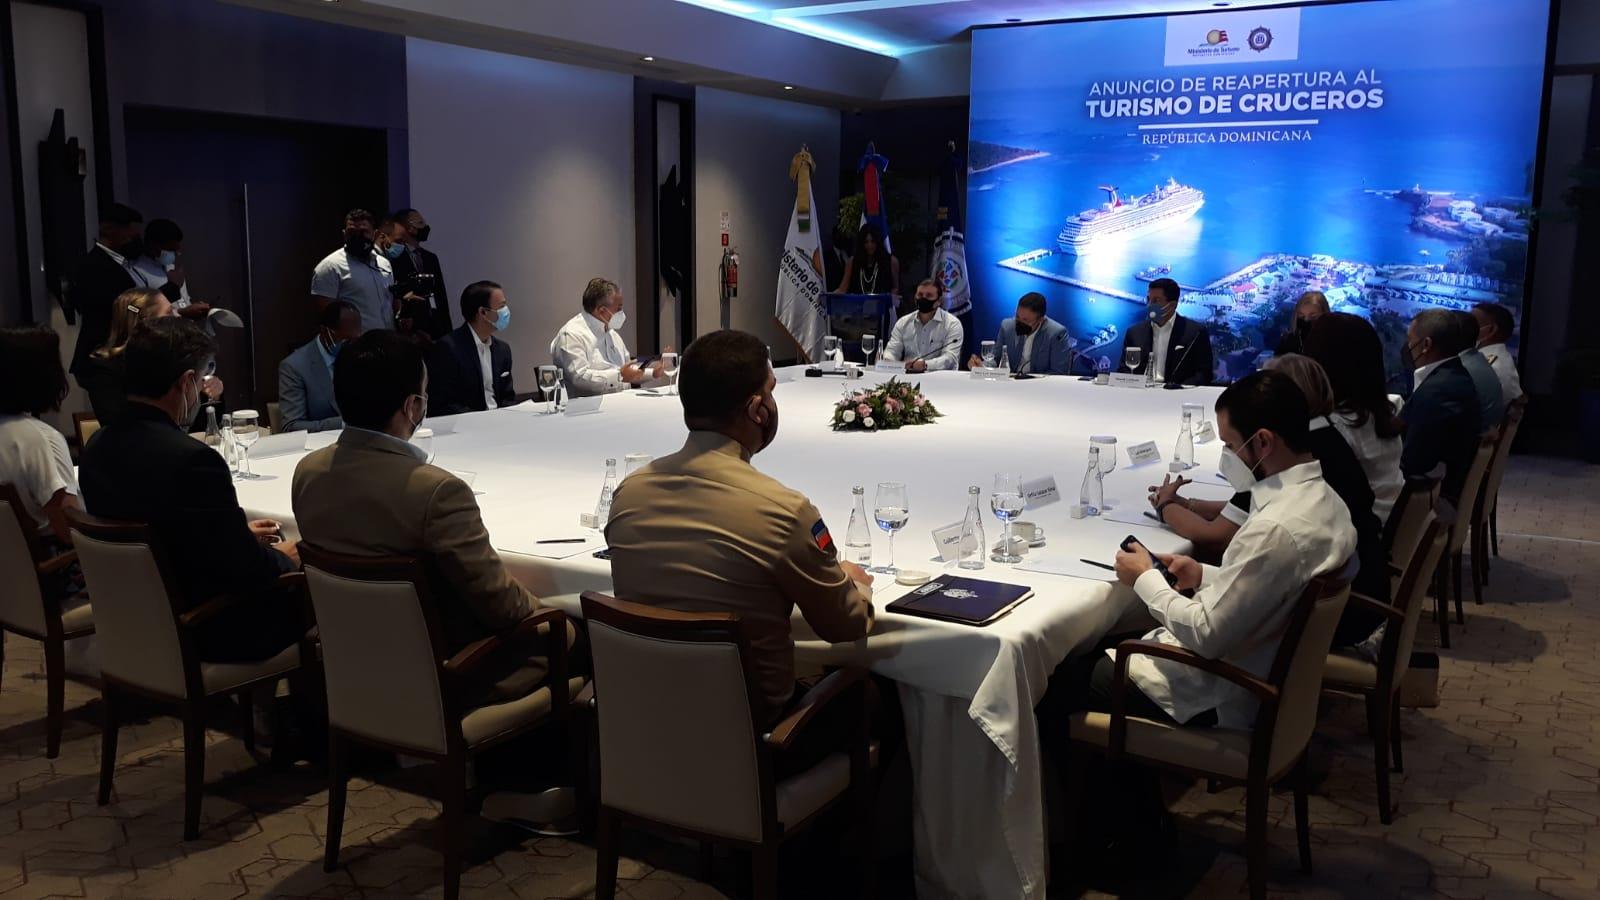 Video | Ministerio de Turismo y Autoridad Portuaria anuncian reinicio de operaciones para entrada de cruceros al país